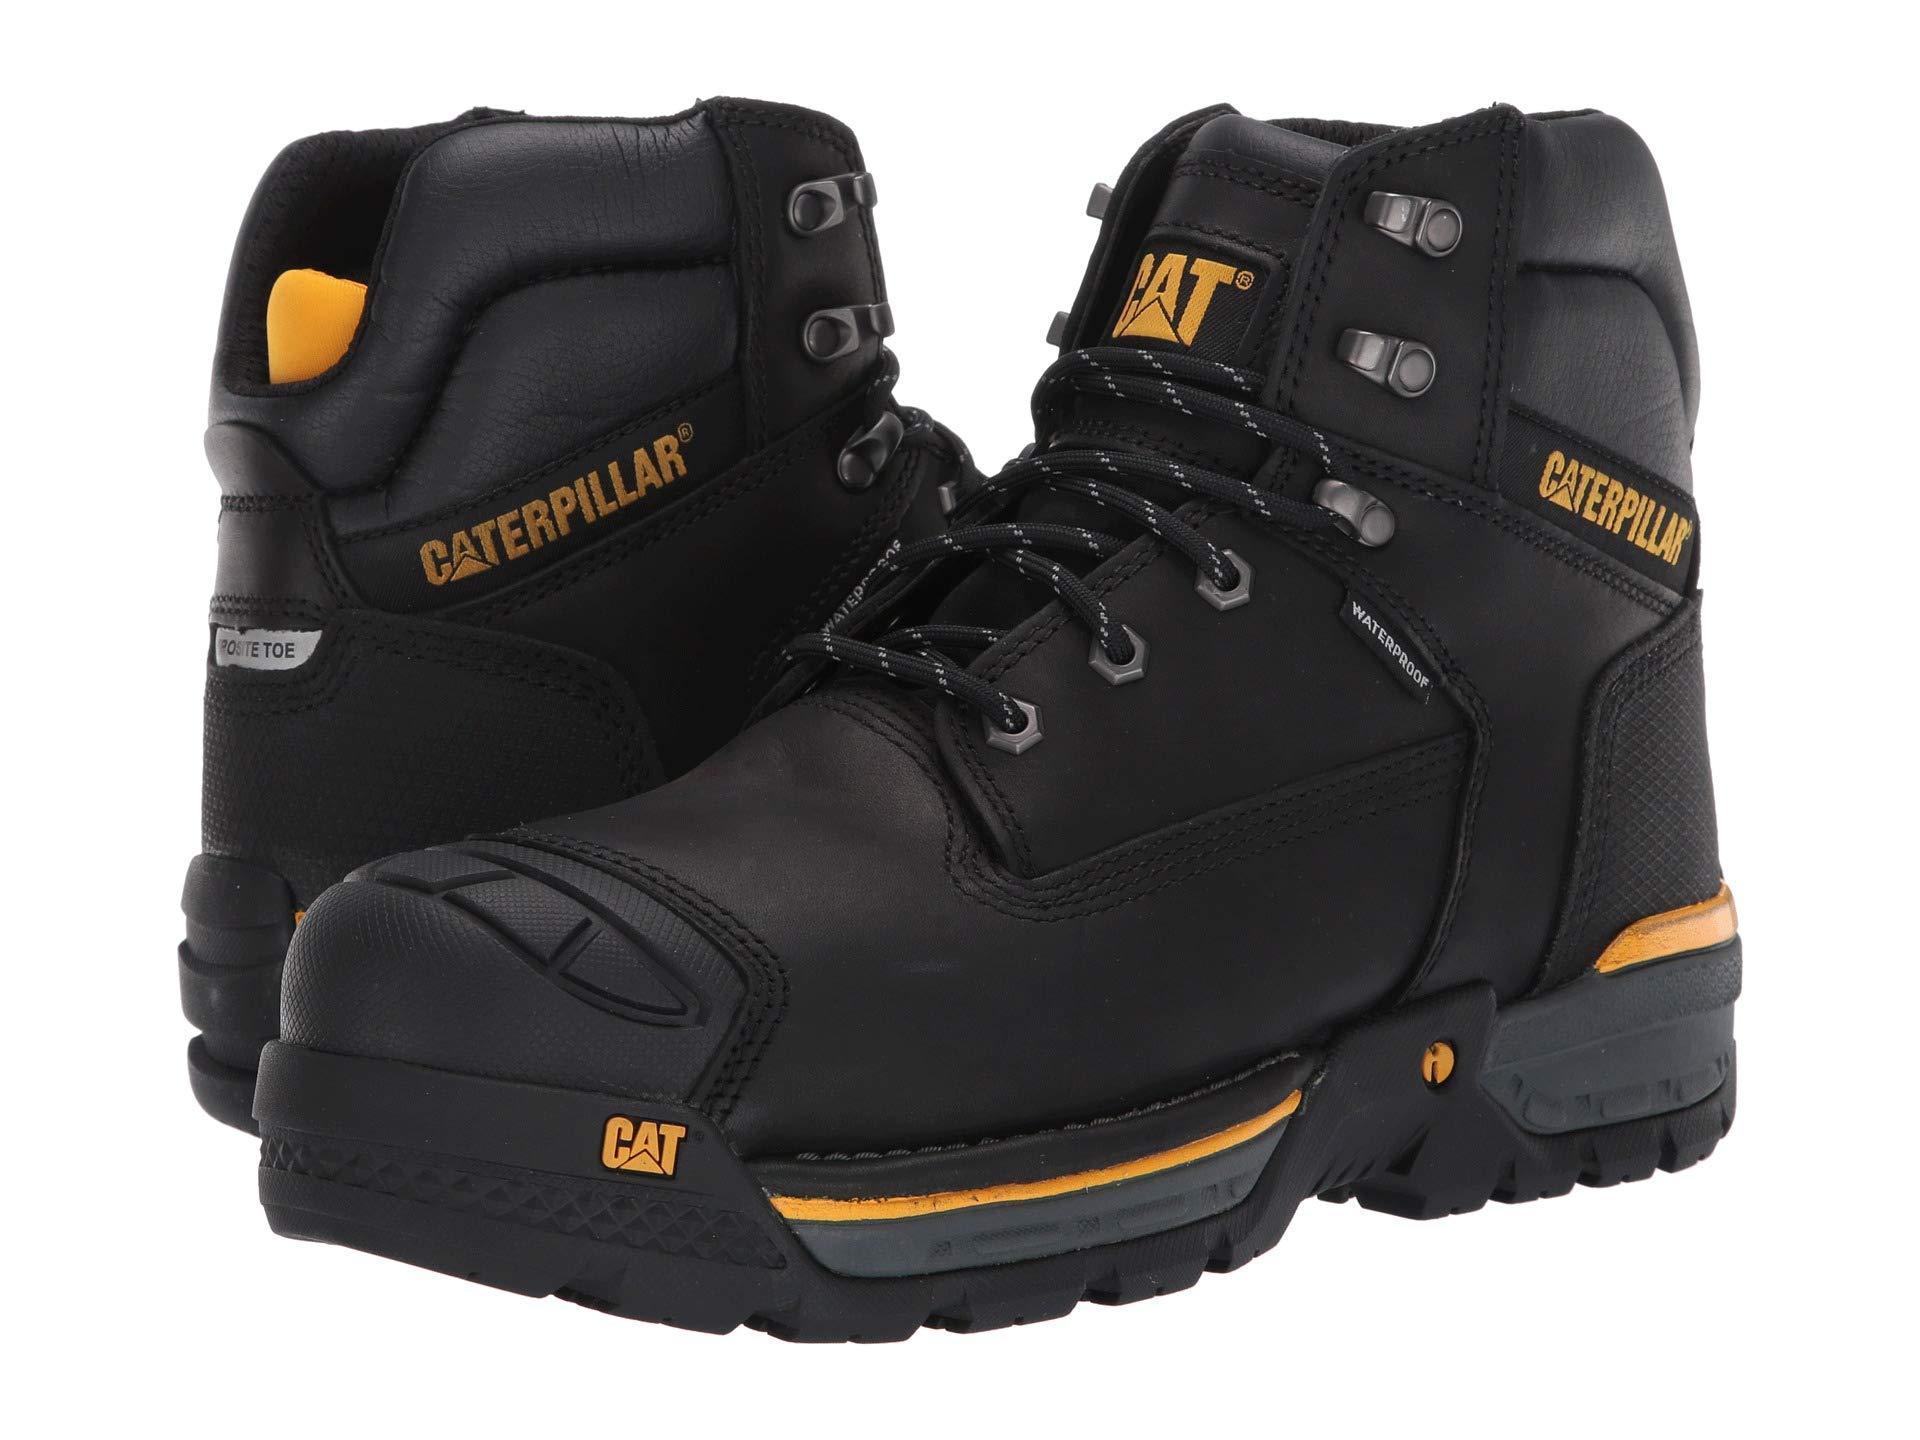 Excavator Lt 6 Waterproof Composite Toe